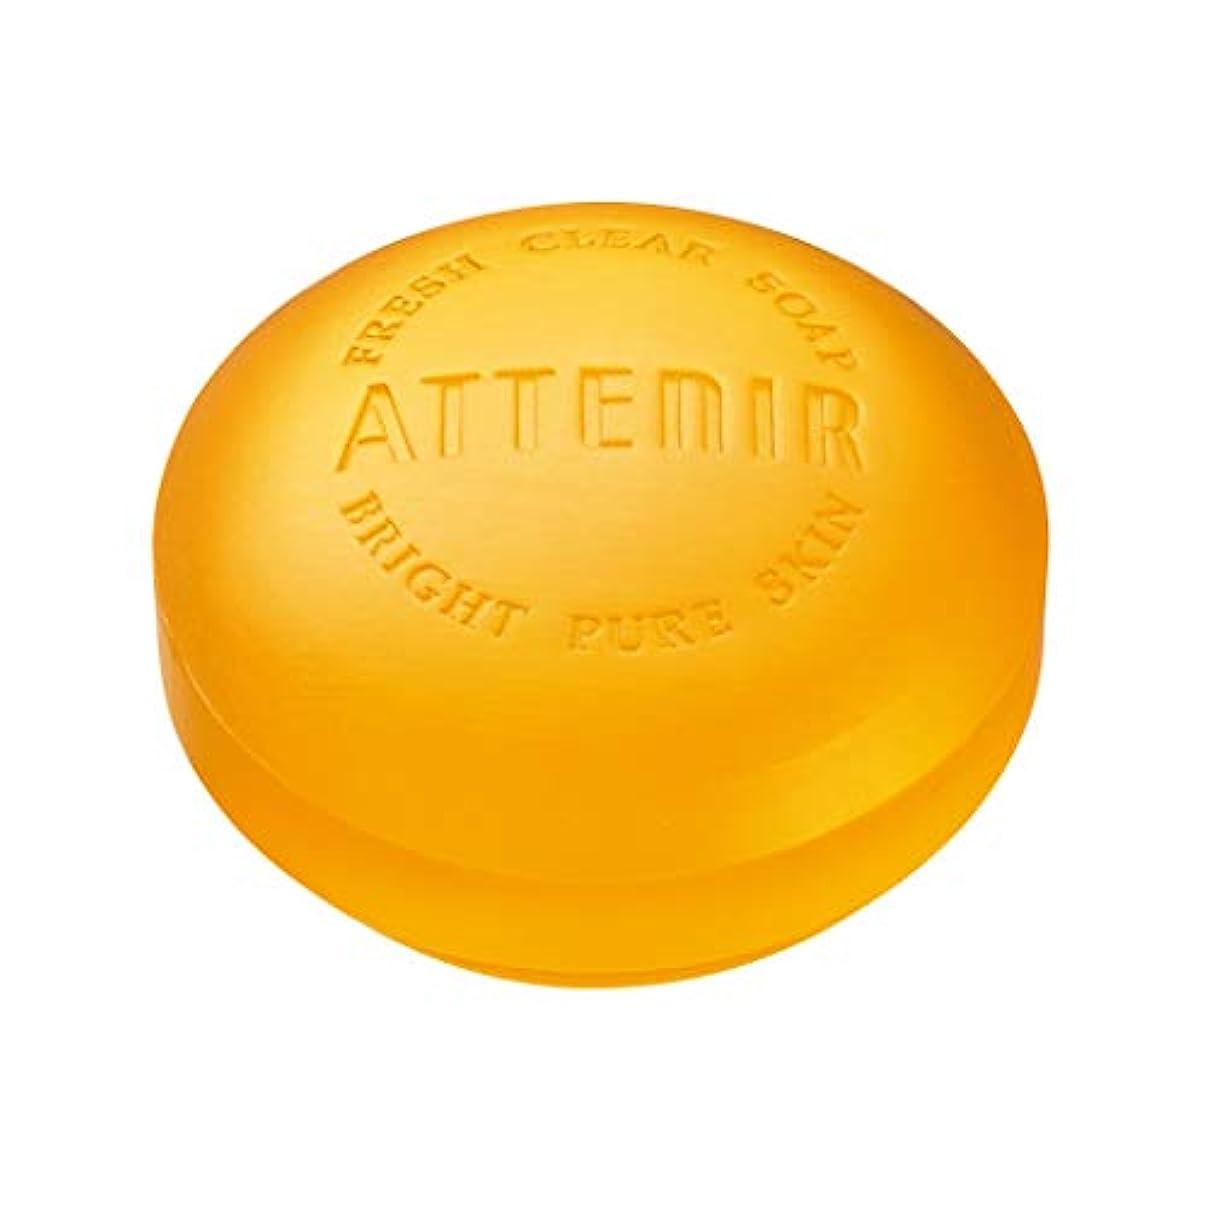 先日光野生アテニア フレッシュクリアソープ ホワイト 石鹸 くすみケア 天然オレンジの香り 100g 洗顔せっけん